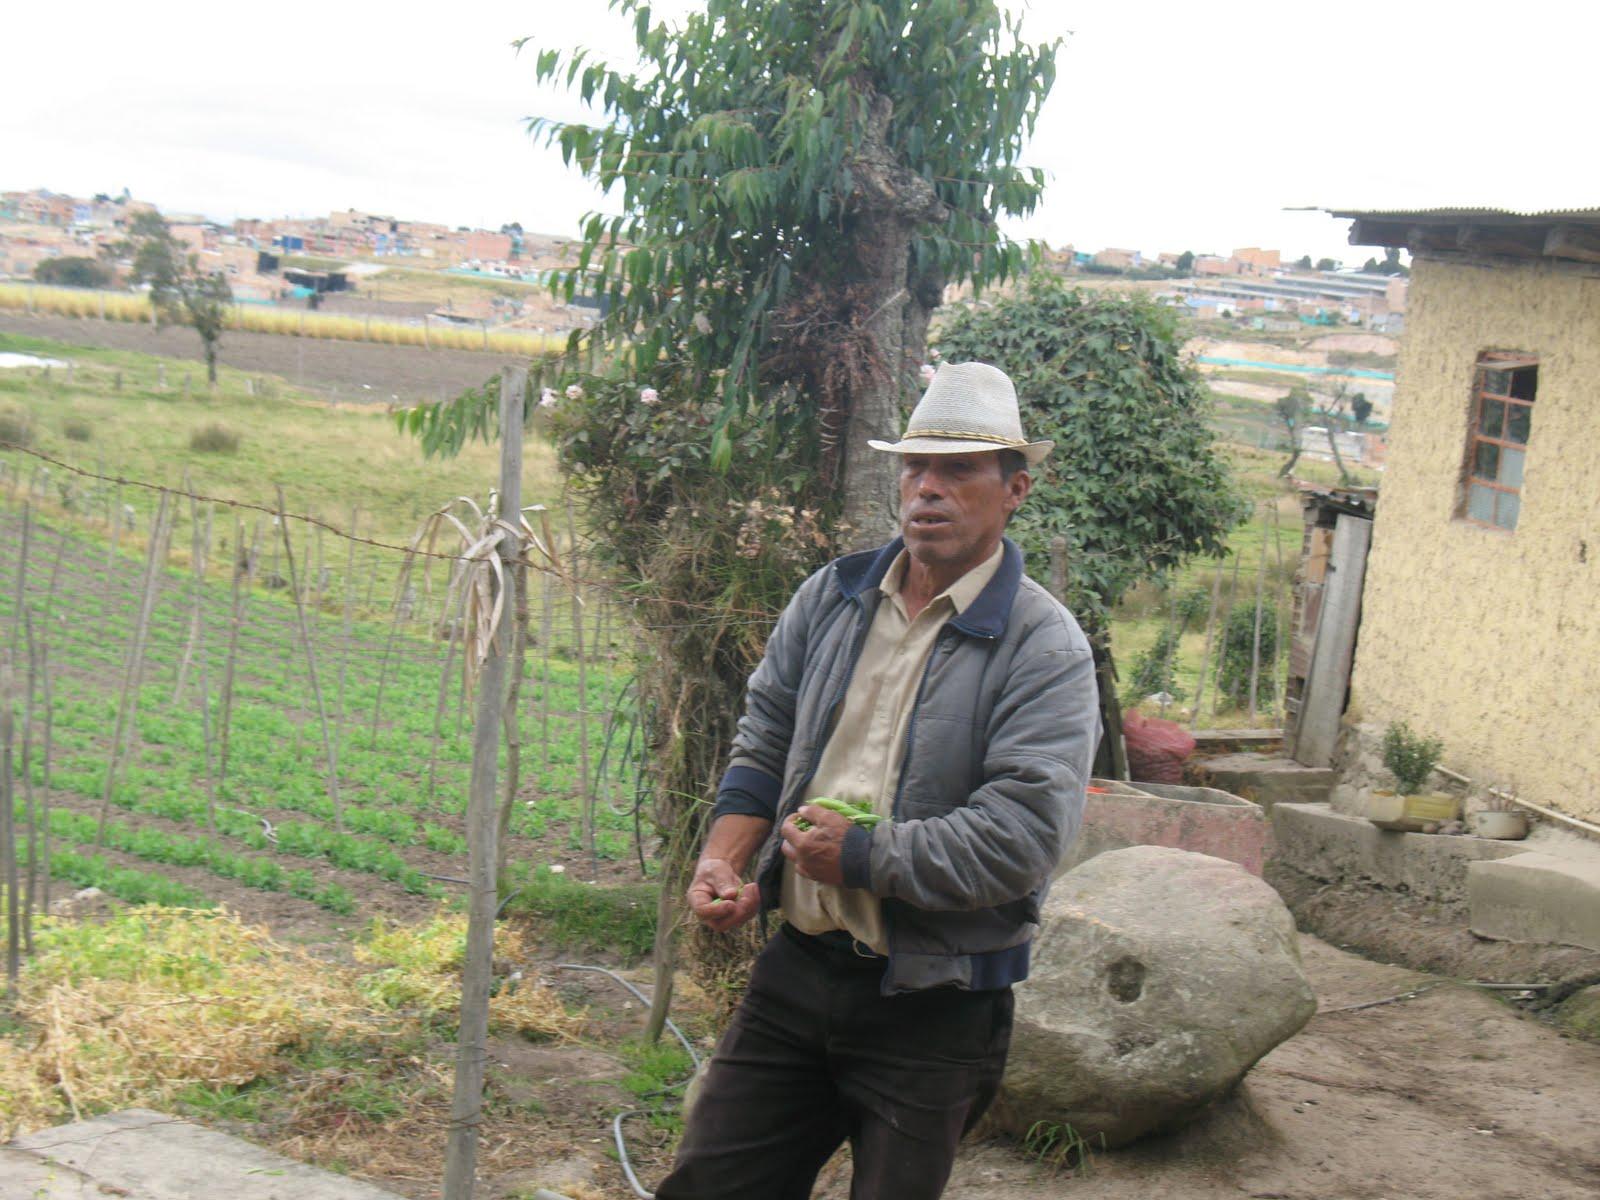 Sobre m proyecto vivir en el campo for Jardin unal 2016